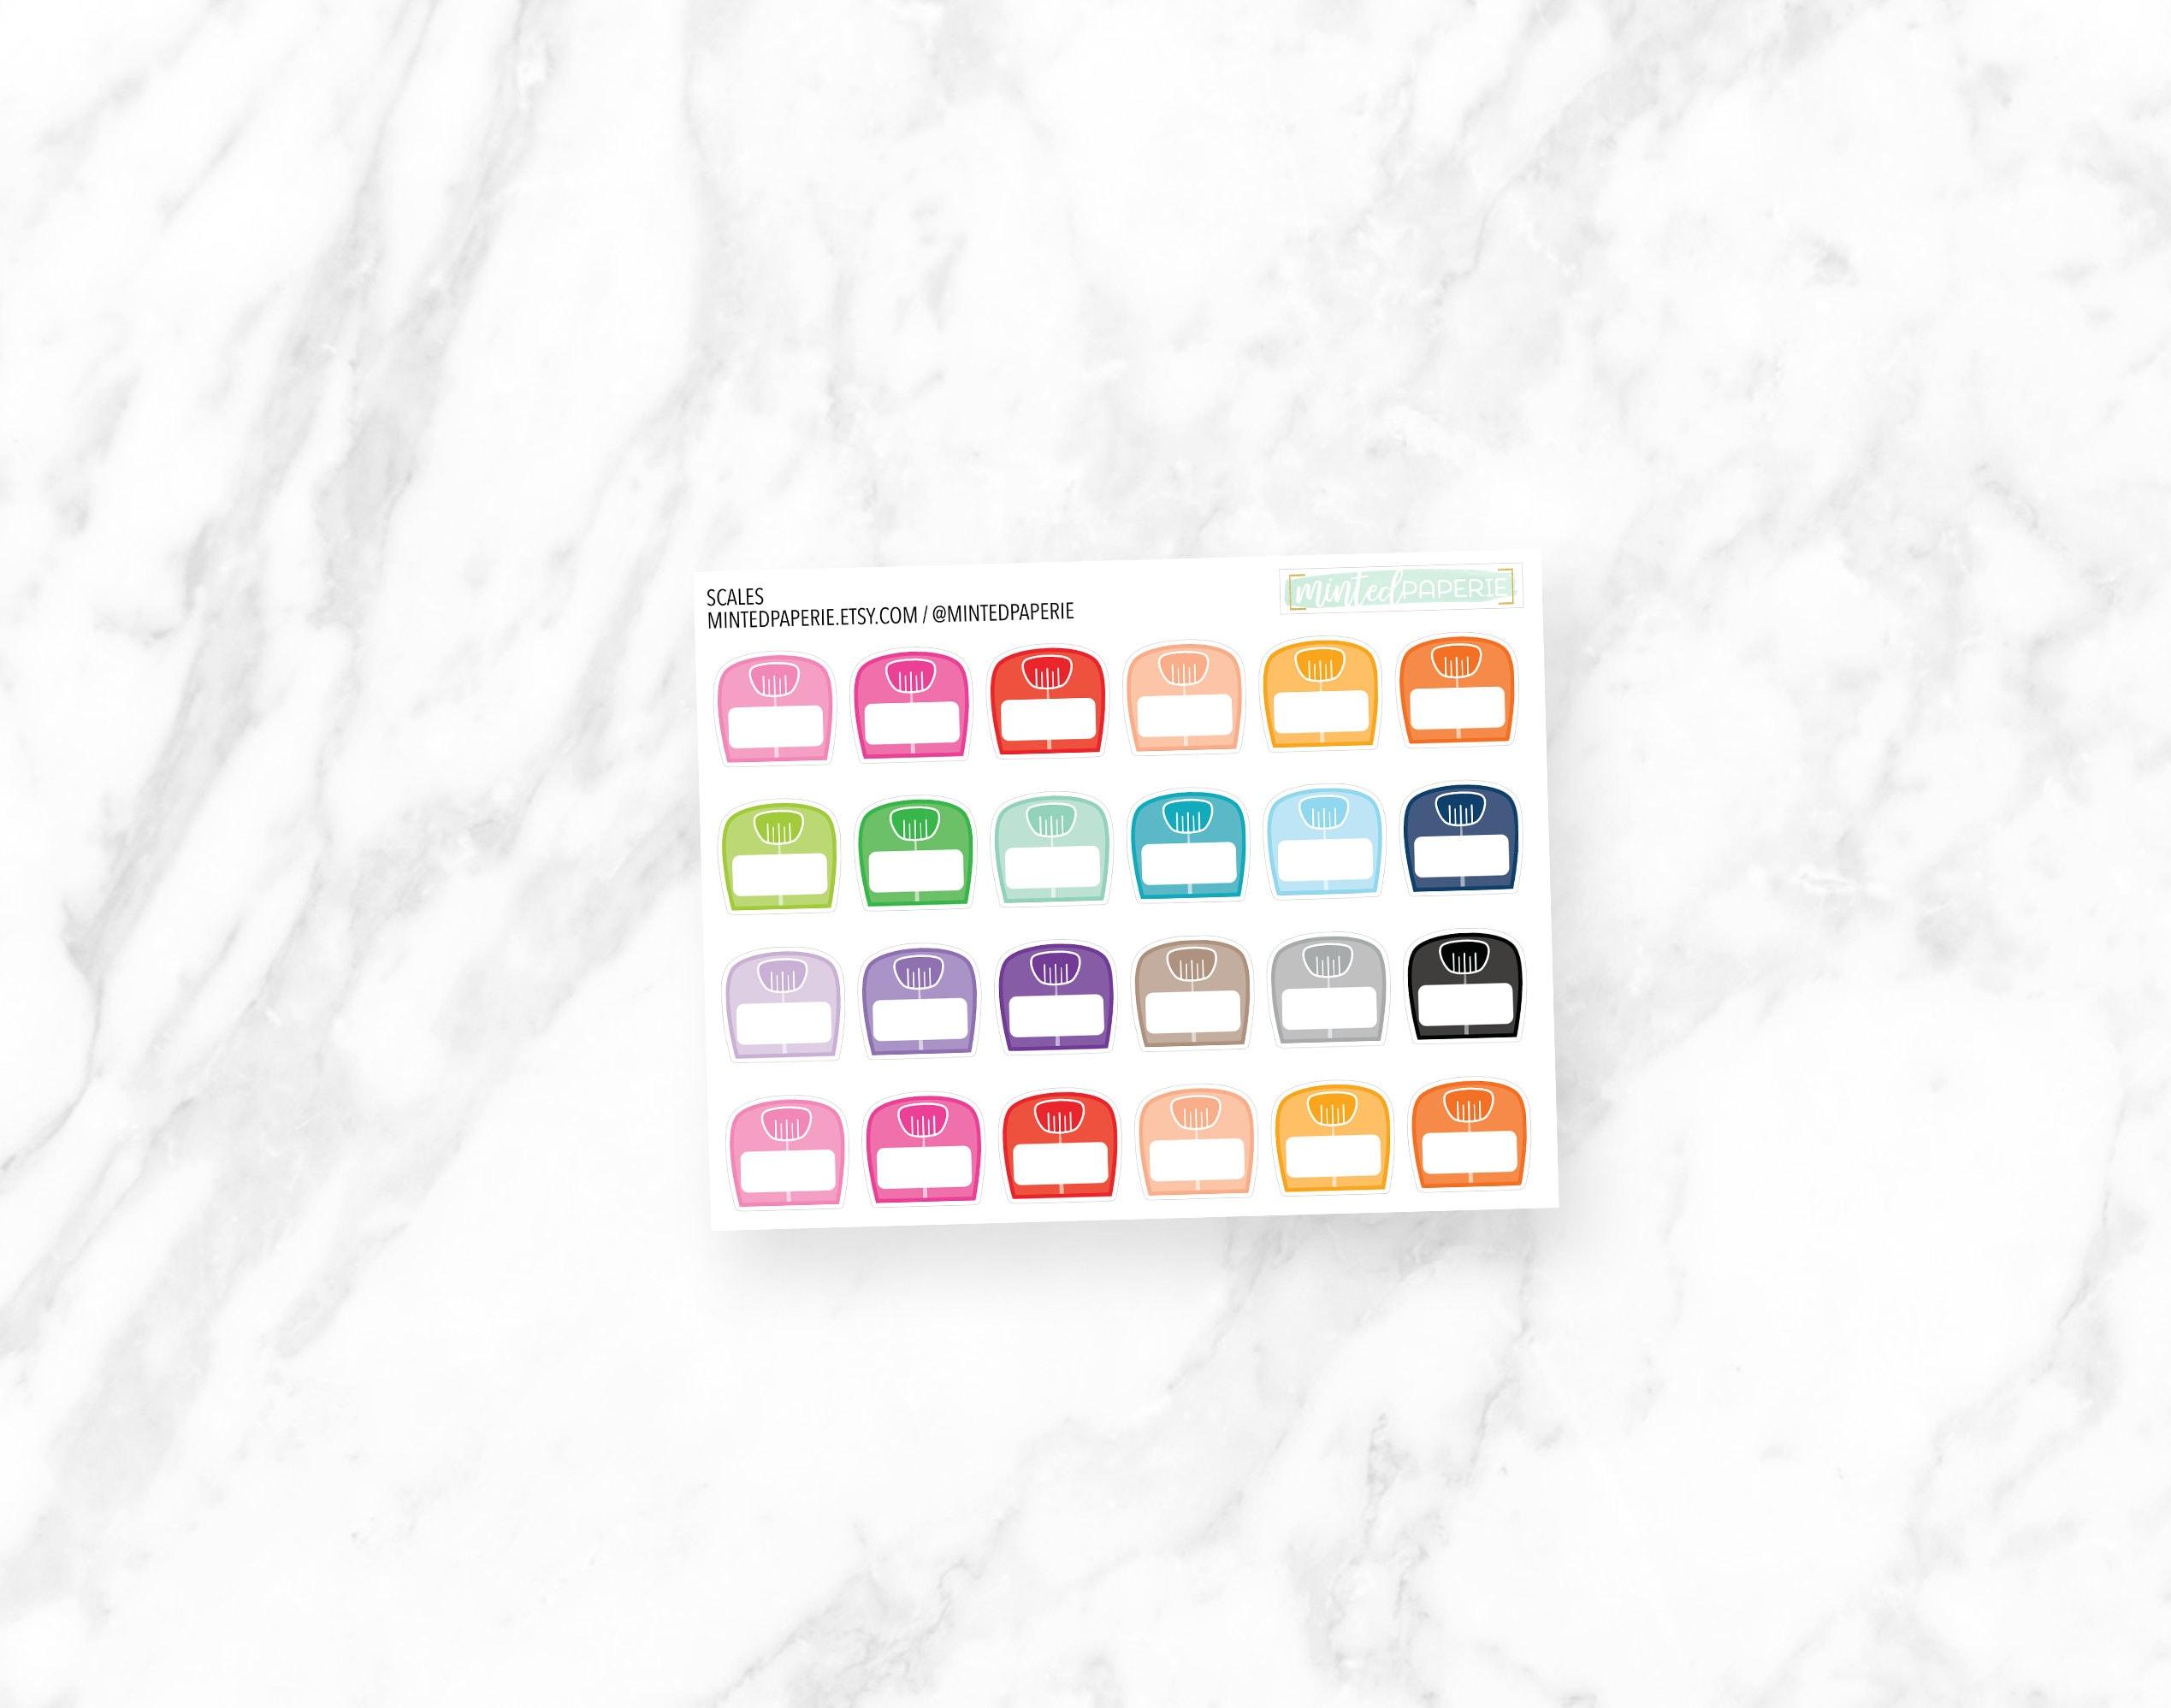 Waage Waage/Gewicht Tracking-Sticker | Etsy